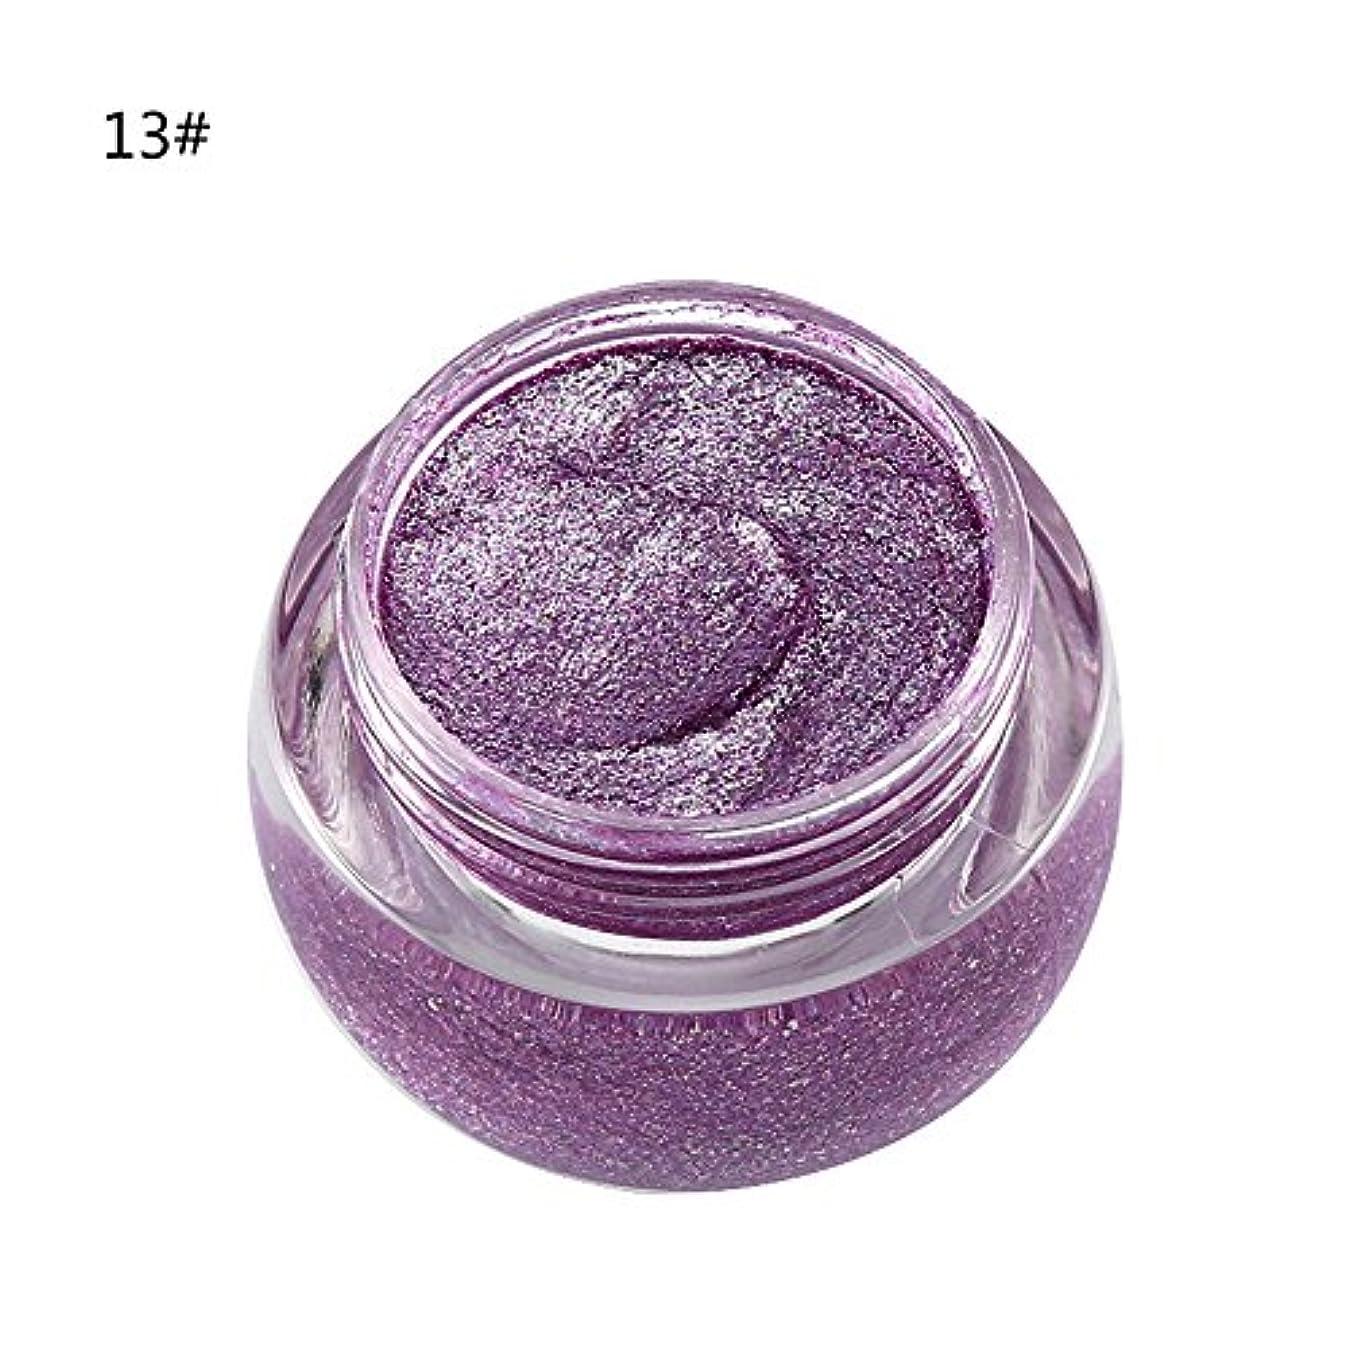 シールドみなさんコードレスアイシャドウ 単色 化粧品 光沢 保湿 キラキラ 美しい タイプ 13